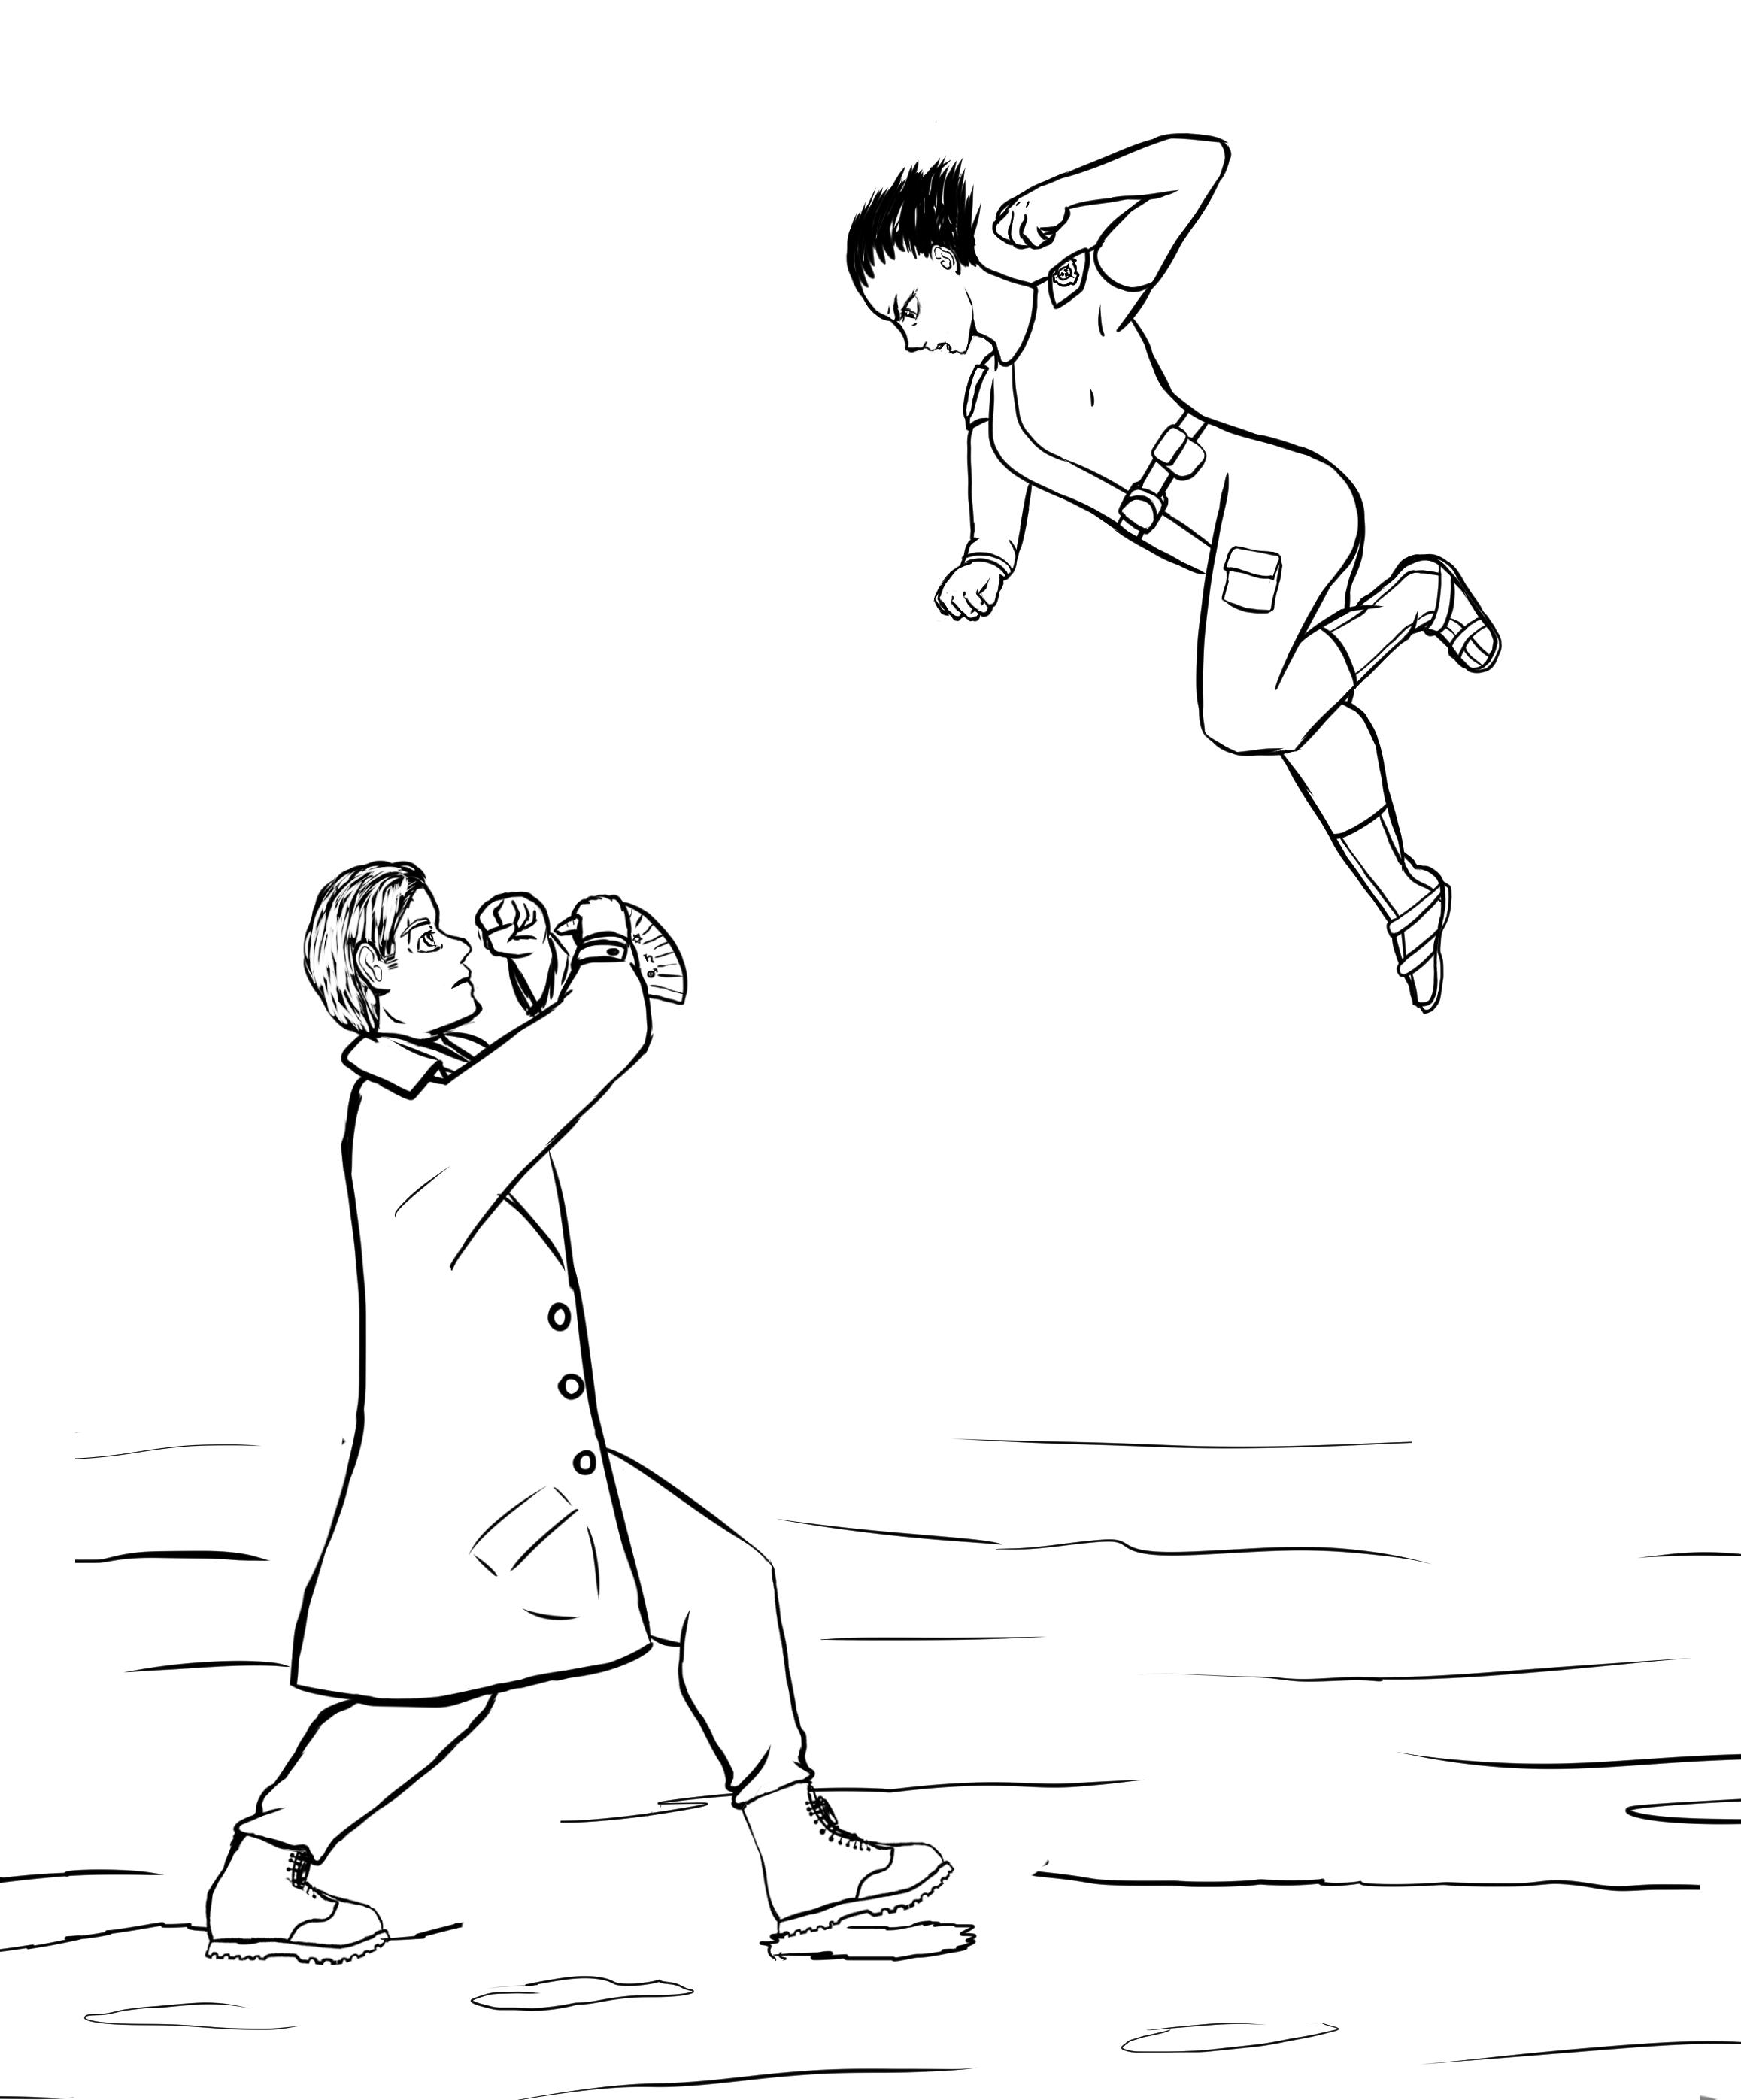 Florence se prépare à frapper Maximilian Bauer dans la tronche.